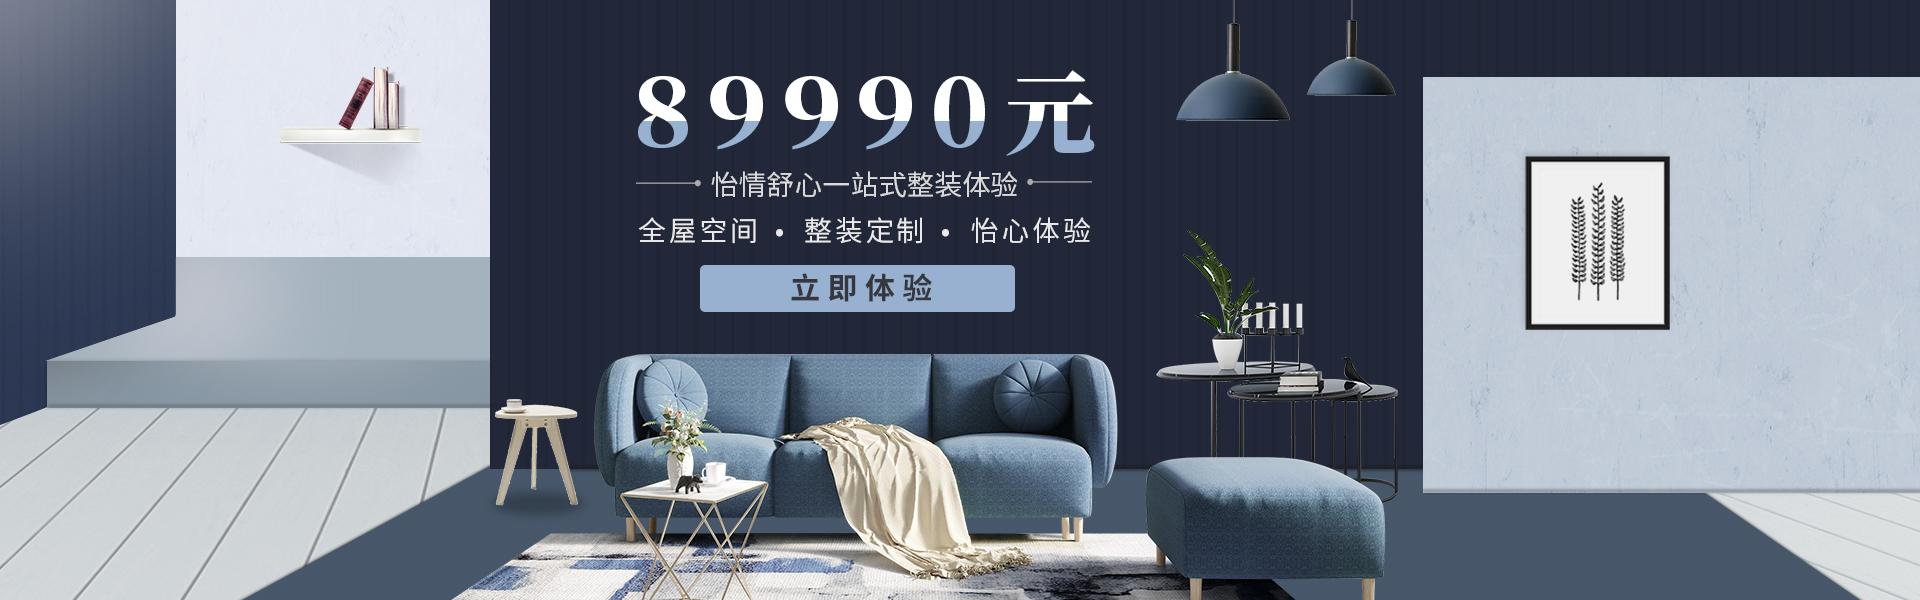 89990怡心整装